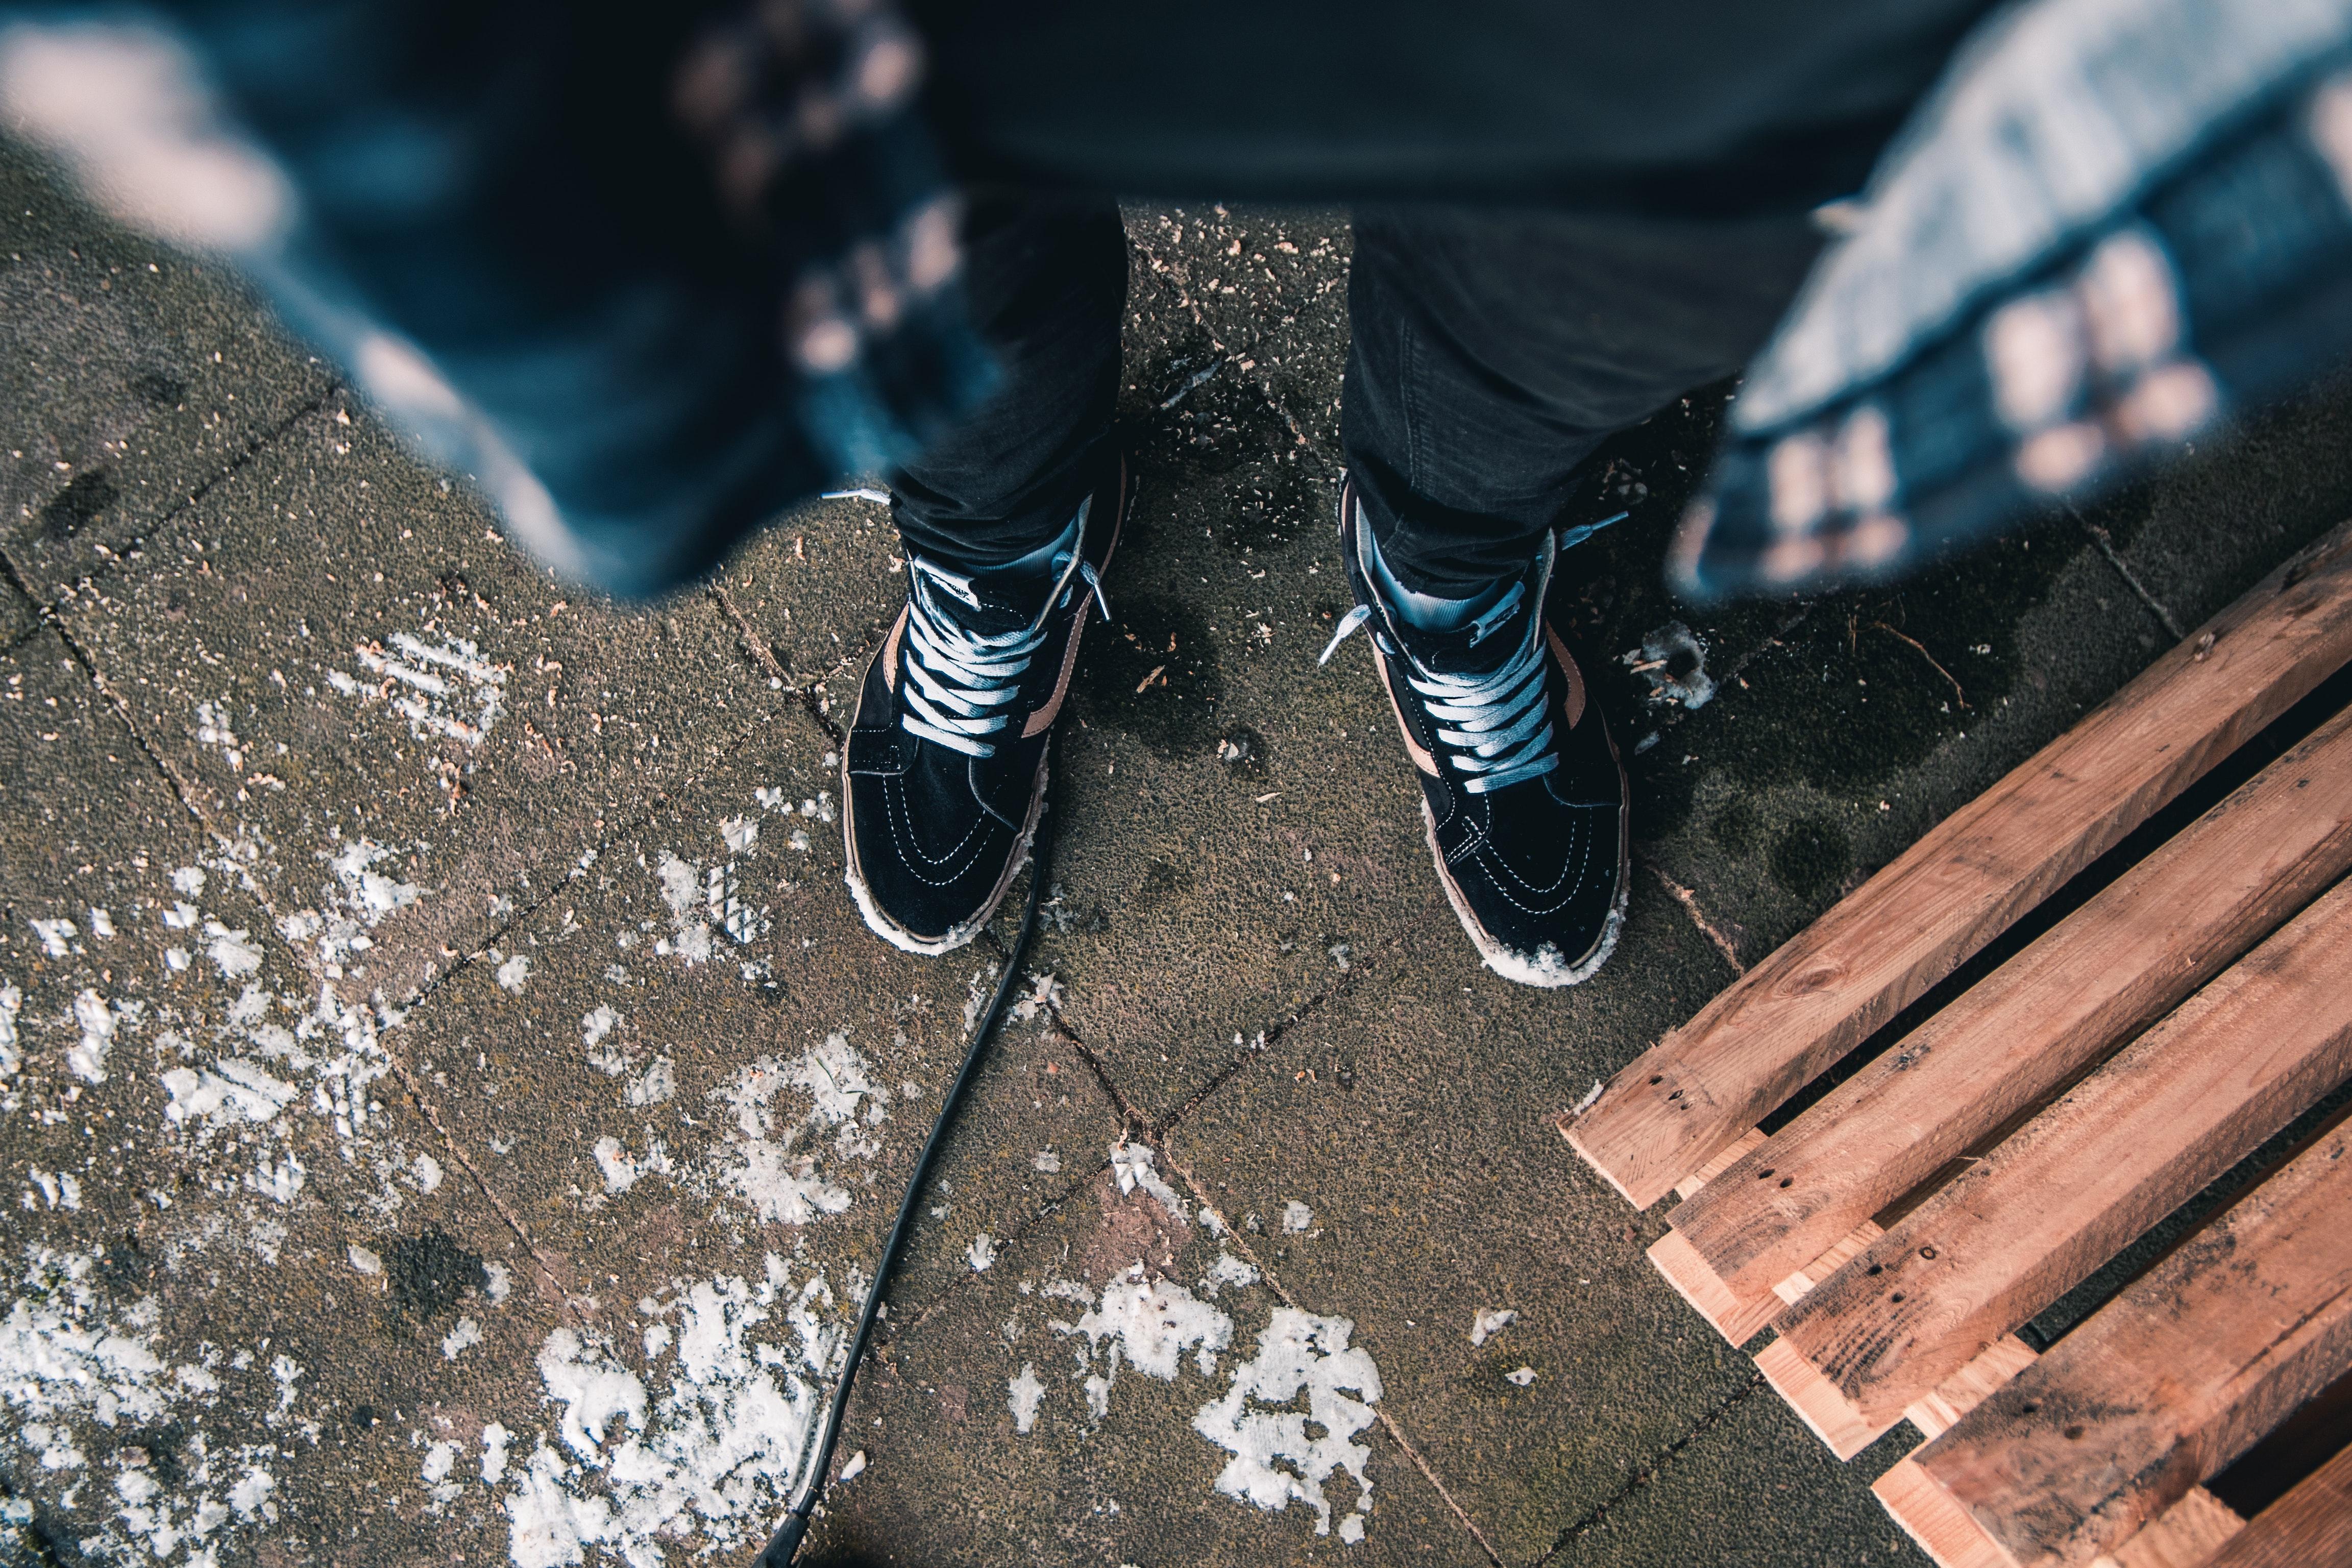 7004f6d64d fashion footwear legs man shoes sneakers vans public domain images